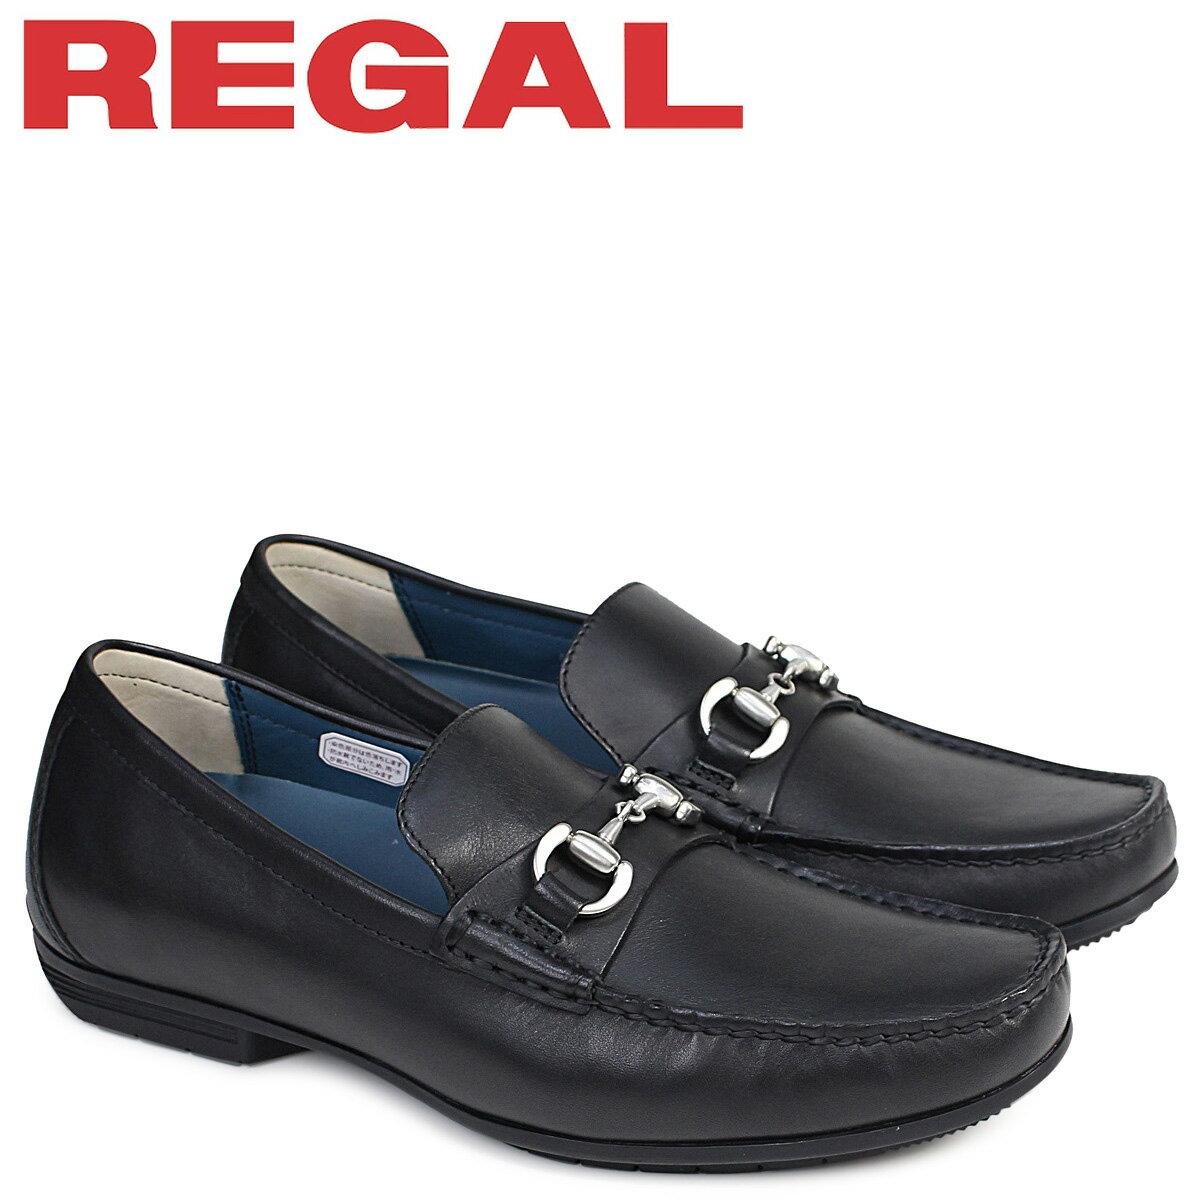 リーガル 靴 メンズ REGAL ドライビングシューズ 57HRAF カジュアル ブラック [5/8 追加入荷]